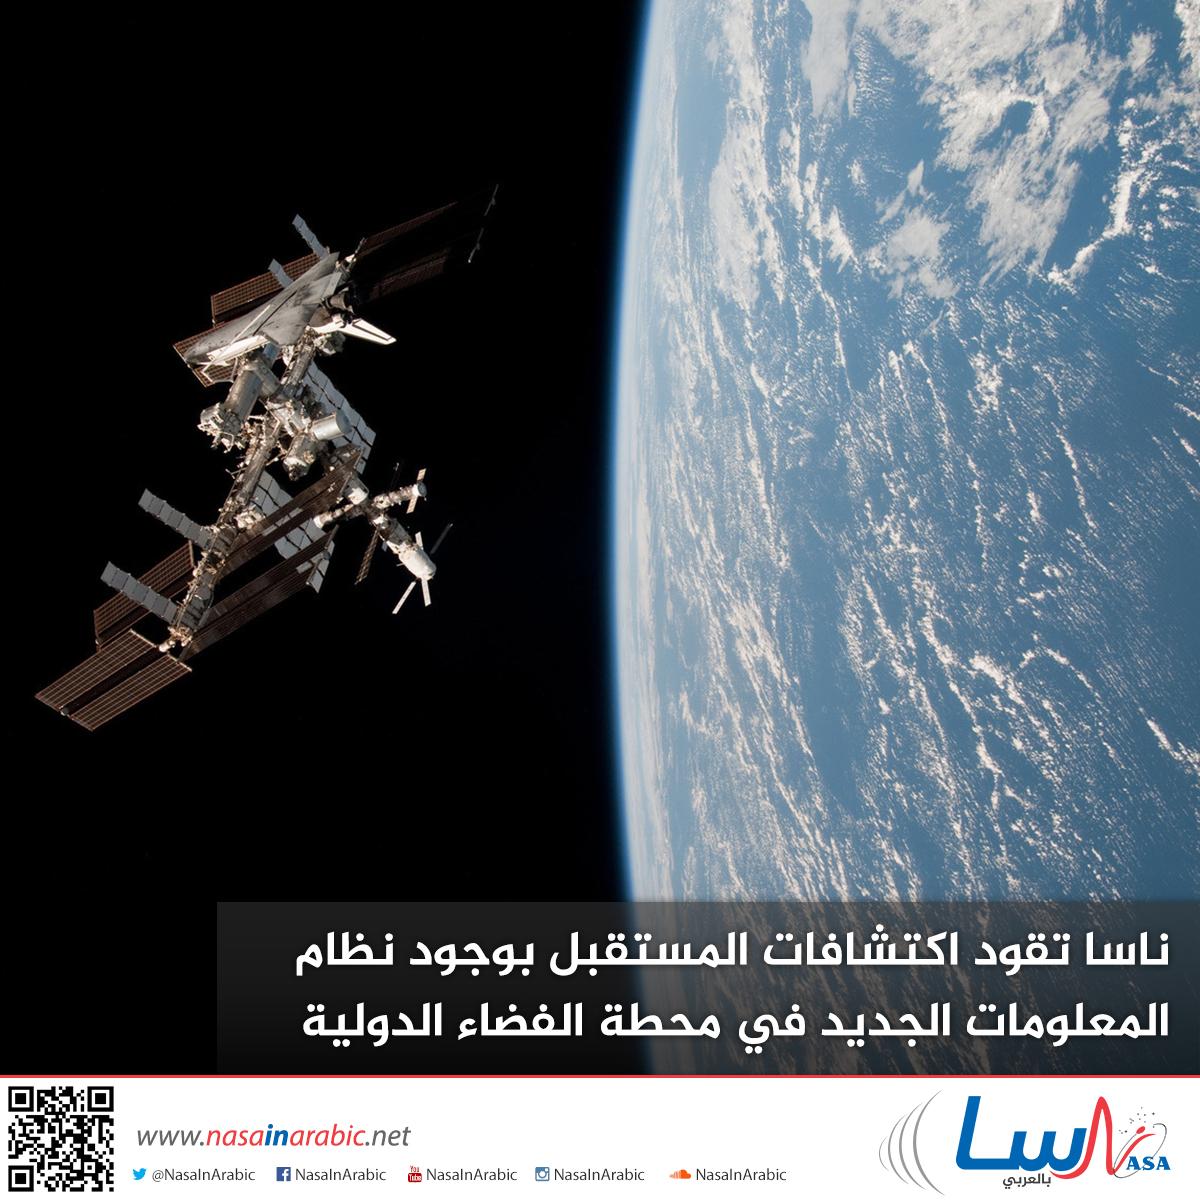 ناسا تقود اكتشافات المستقبل بوجود نظام المعلومات الجديد في محطة الفضاء الدولية